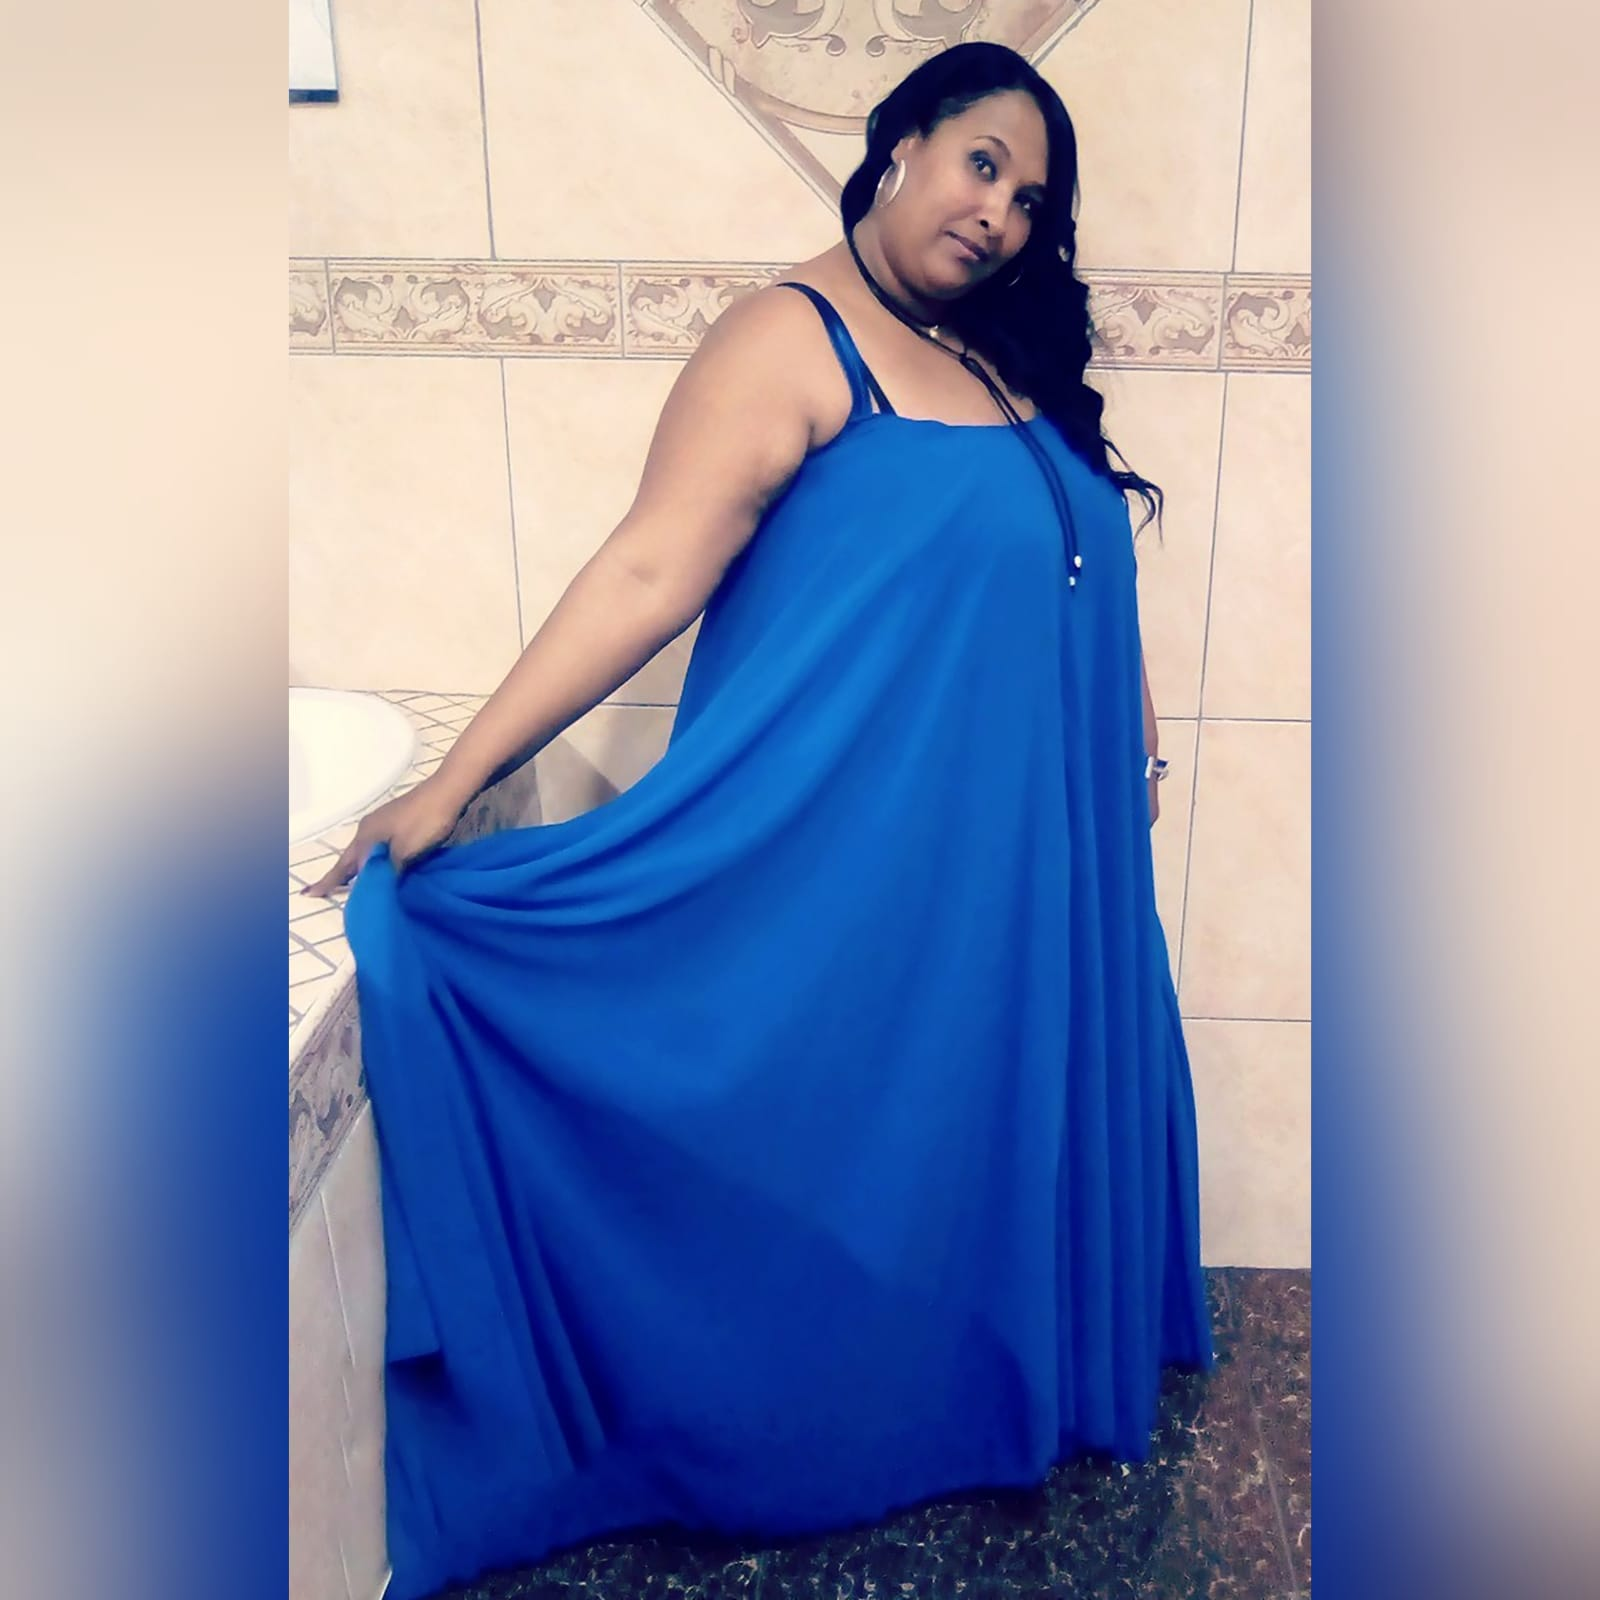 Royal blue flowy chiffon summer elegant dress 1 royal blue flowy chiffon summer elegant dress